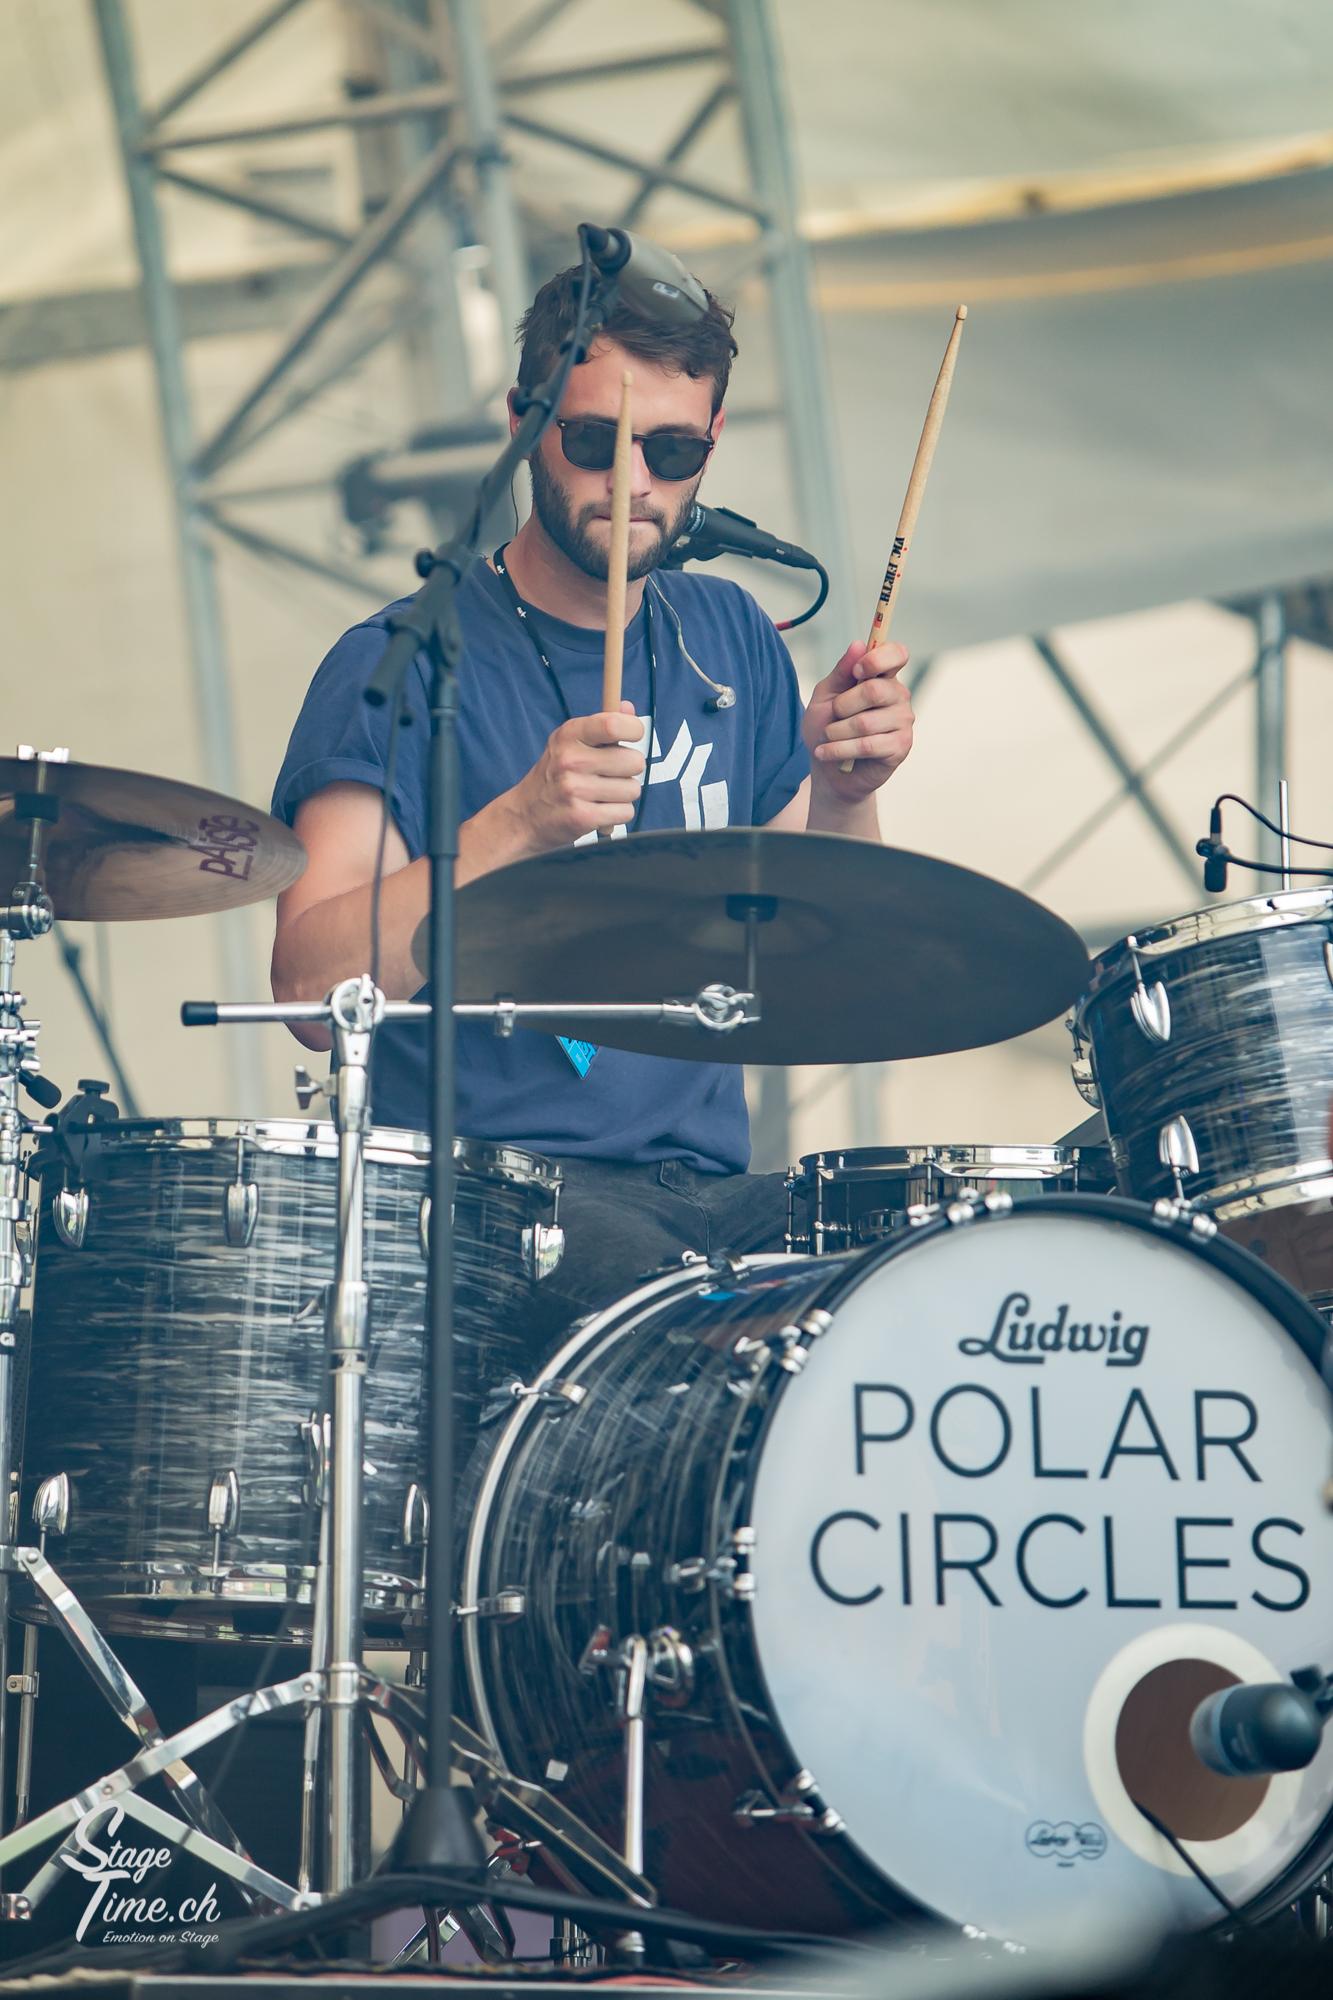 Polar_Circles-5